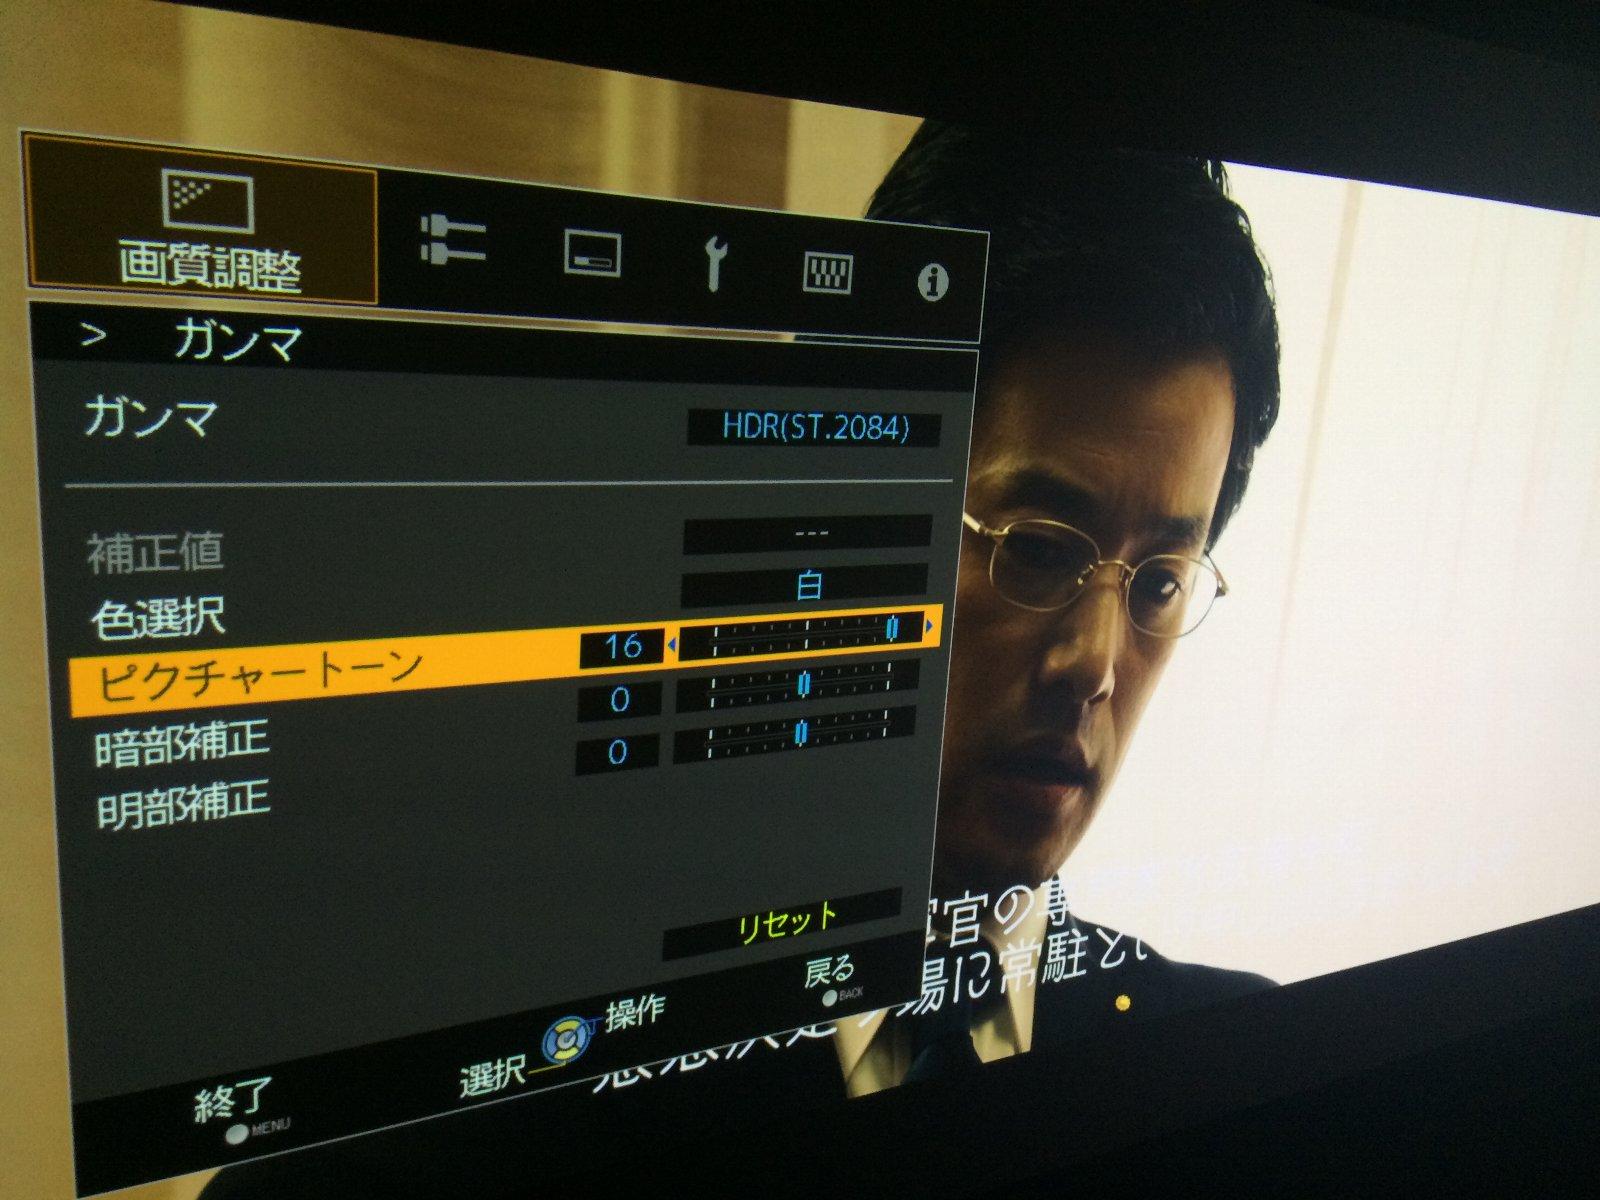 UHD-BD『シン・ゴジラ』ピクチャートーン16(字幕読めない)